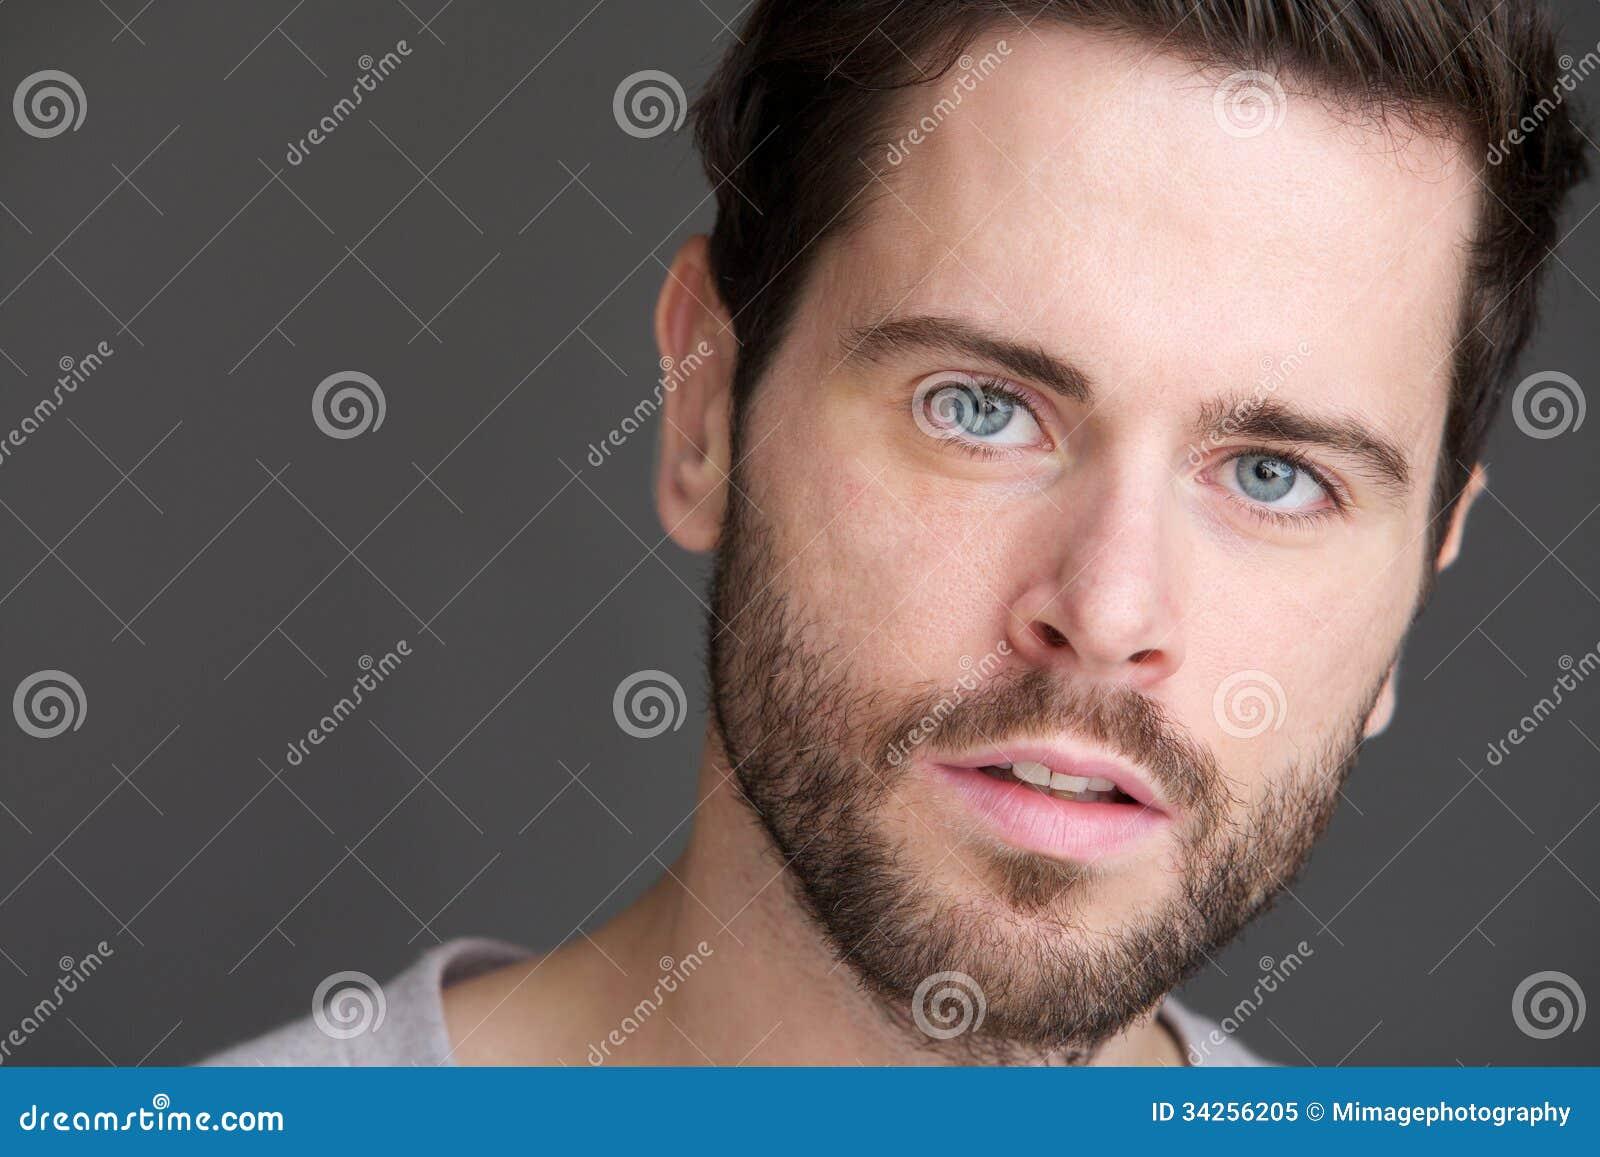 Портрет привлекательного молодого человека с голубыми глазами и бородой